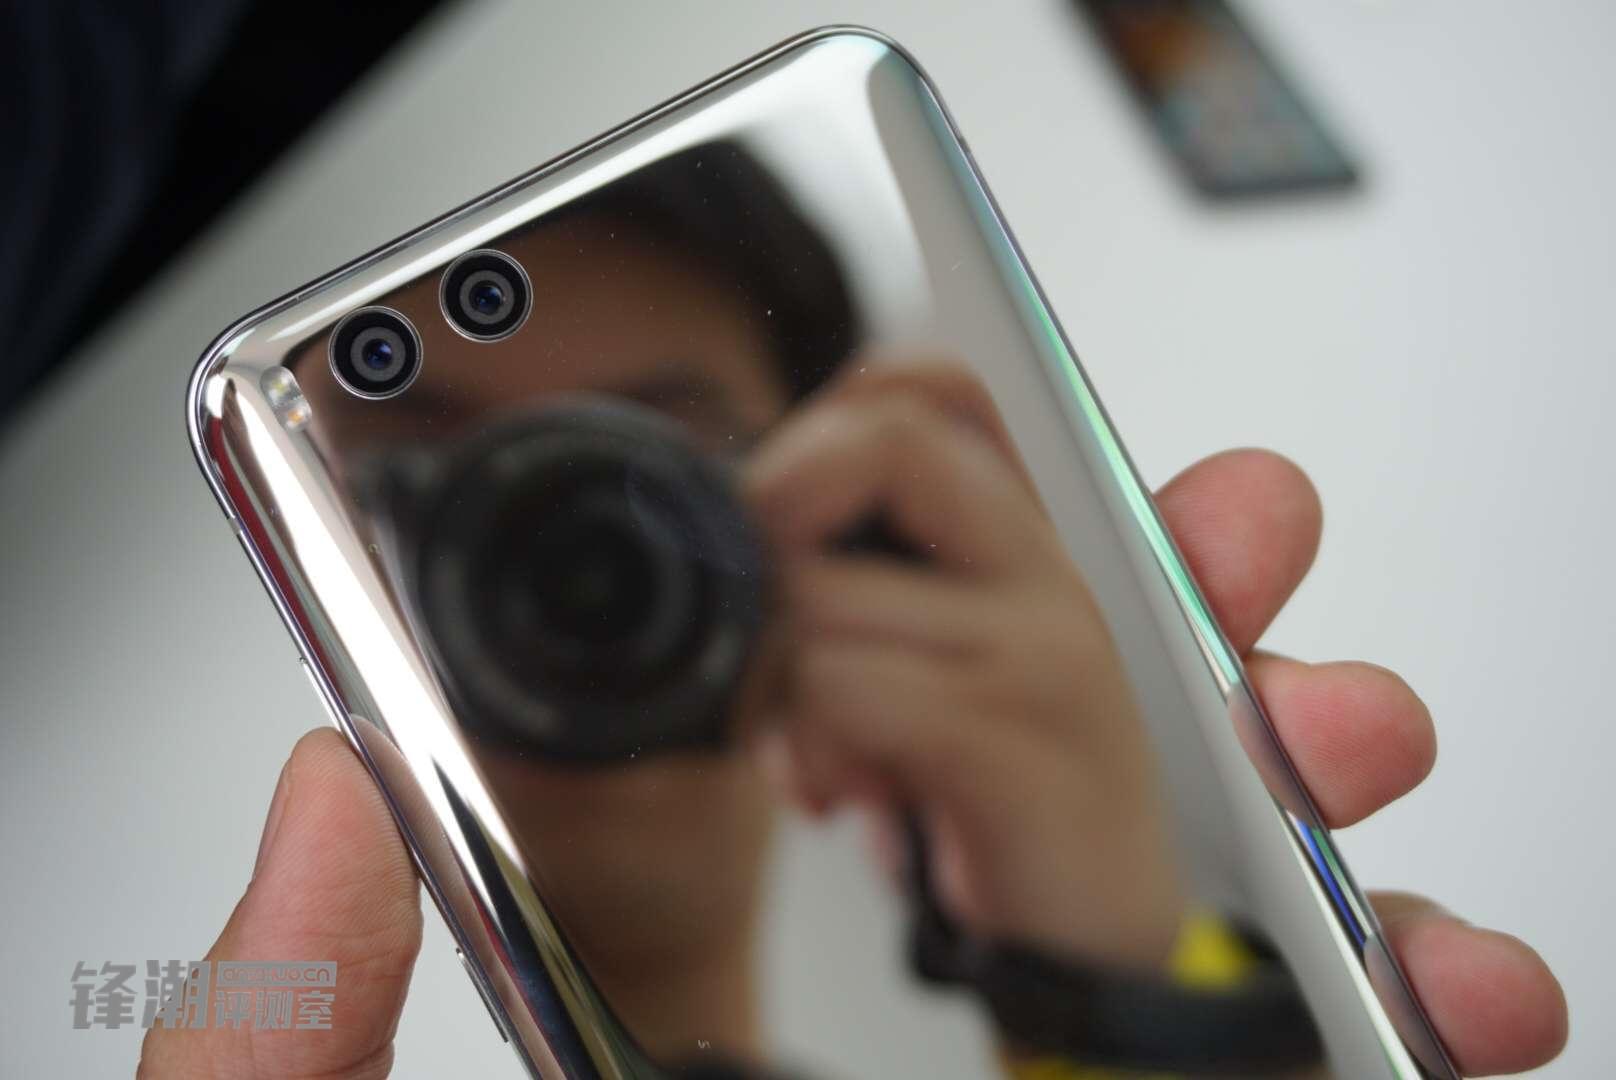 美得不像小米手机 小米6现场上手图赏的照片 - 13